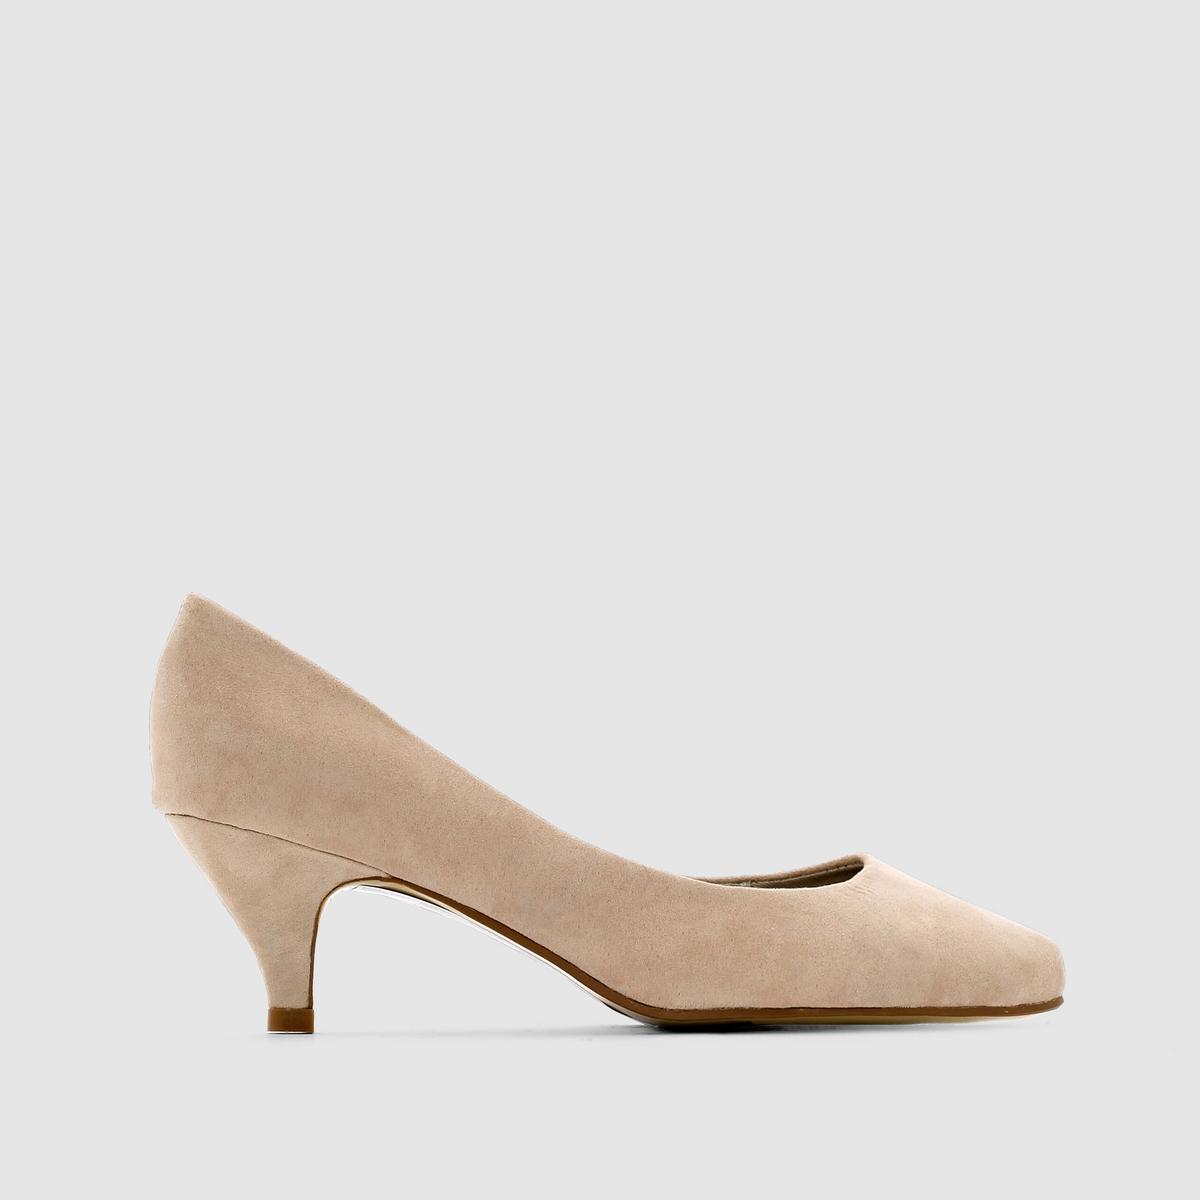 Туфли на среднем каблуке на широкую ногу, размеры 38-45 от CASTALUNA